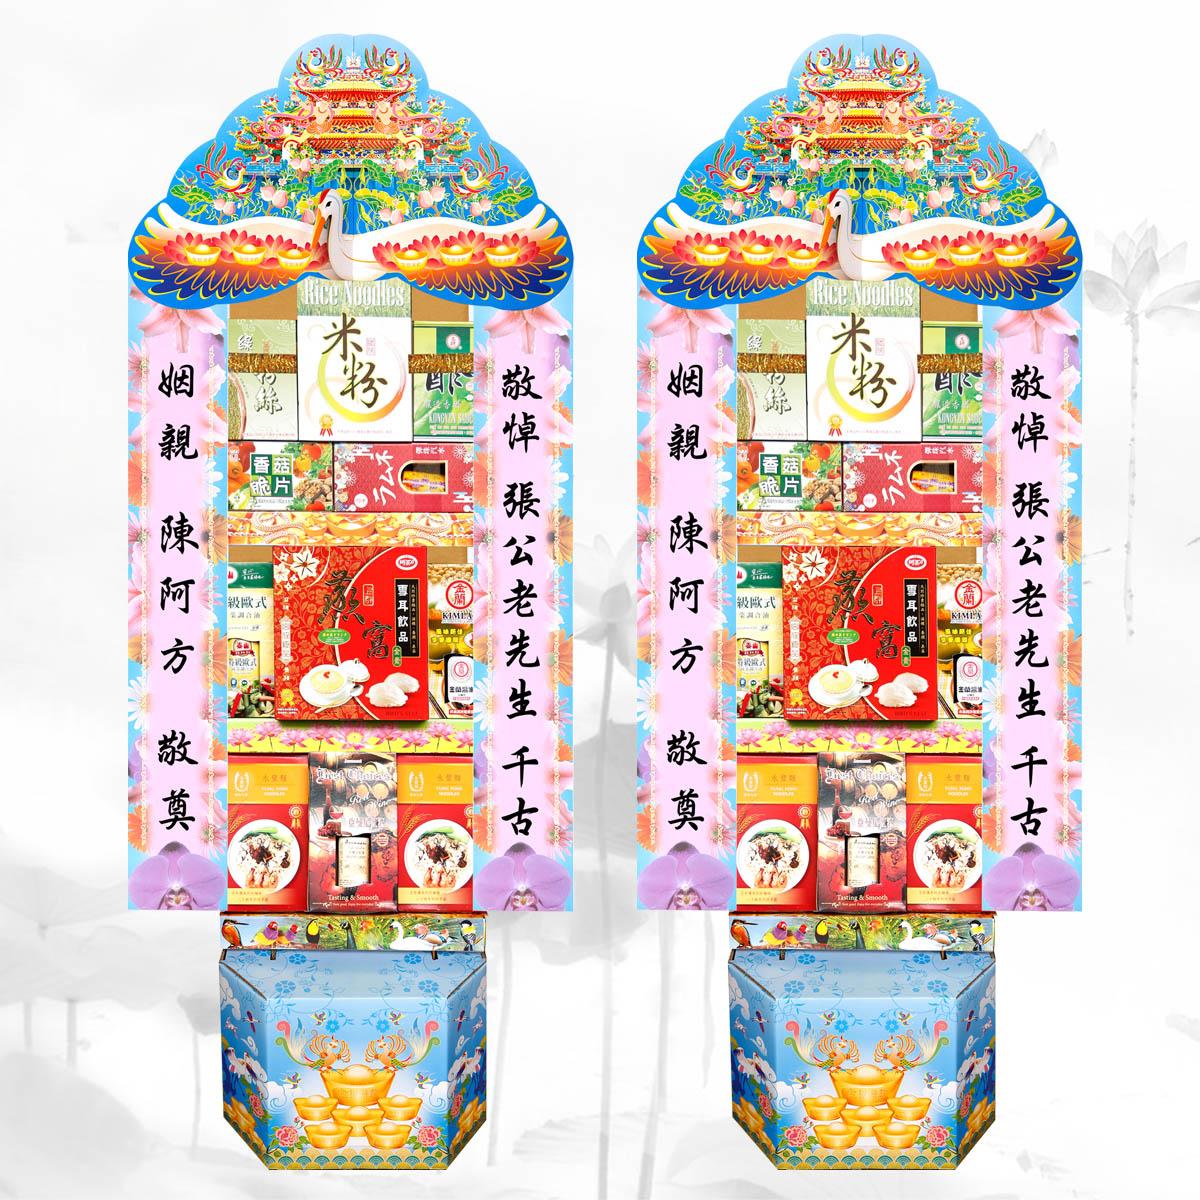 喪禮用罐頭塔-A-01 罐頭禮籃